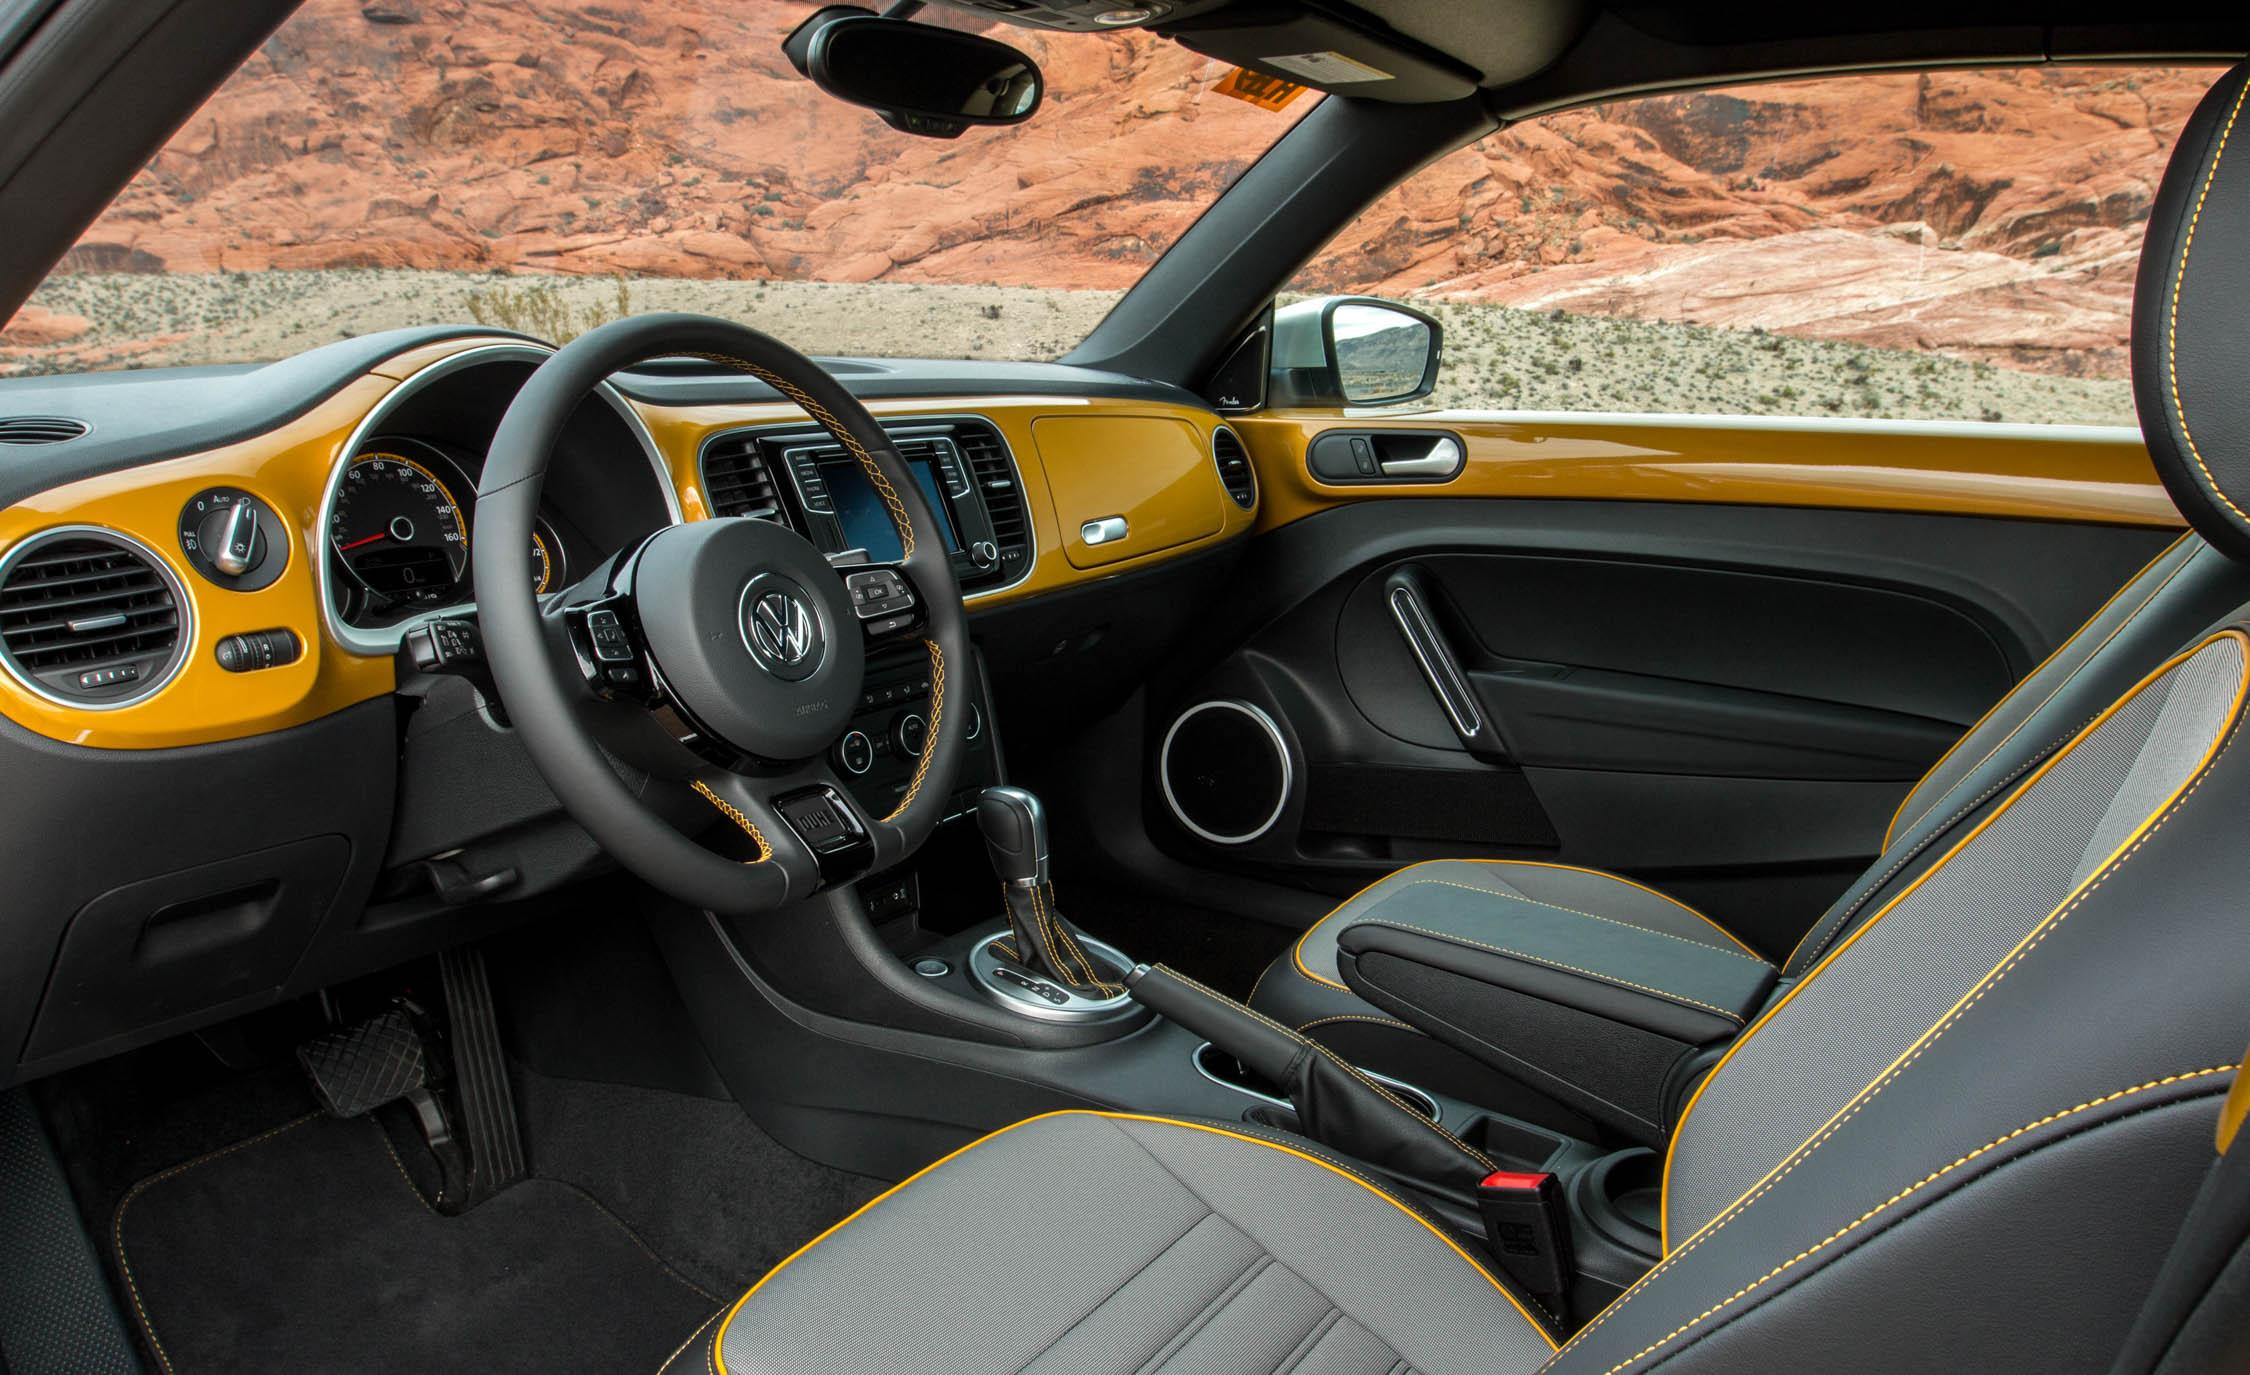 2016 Volkswagen Beetle Dune Interior (View 4 of 32)